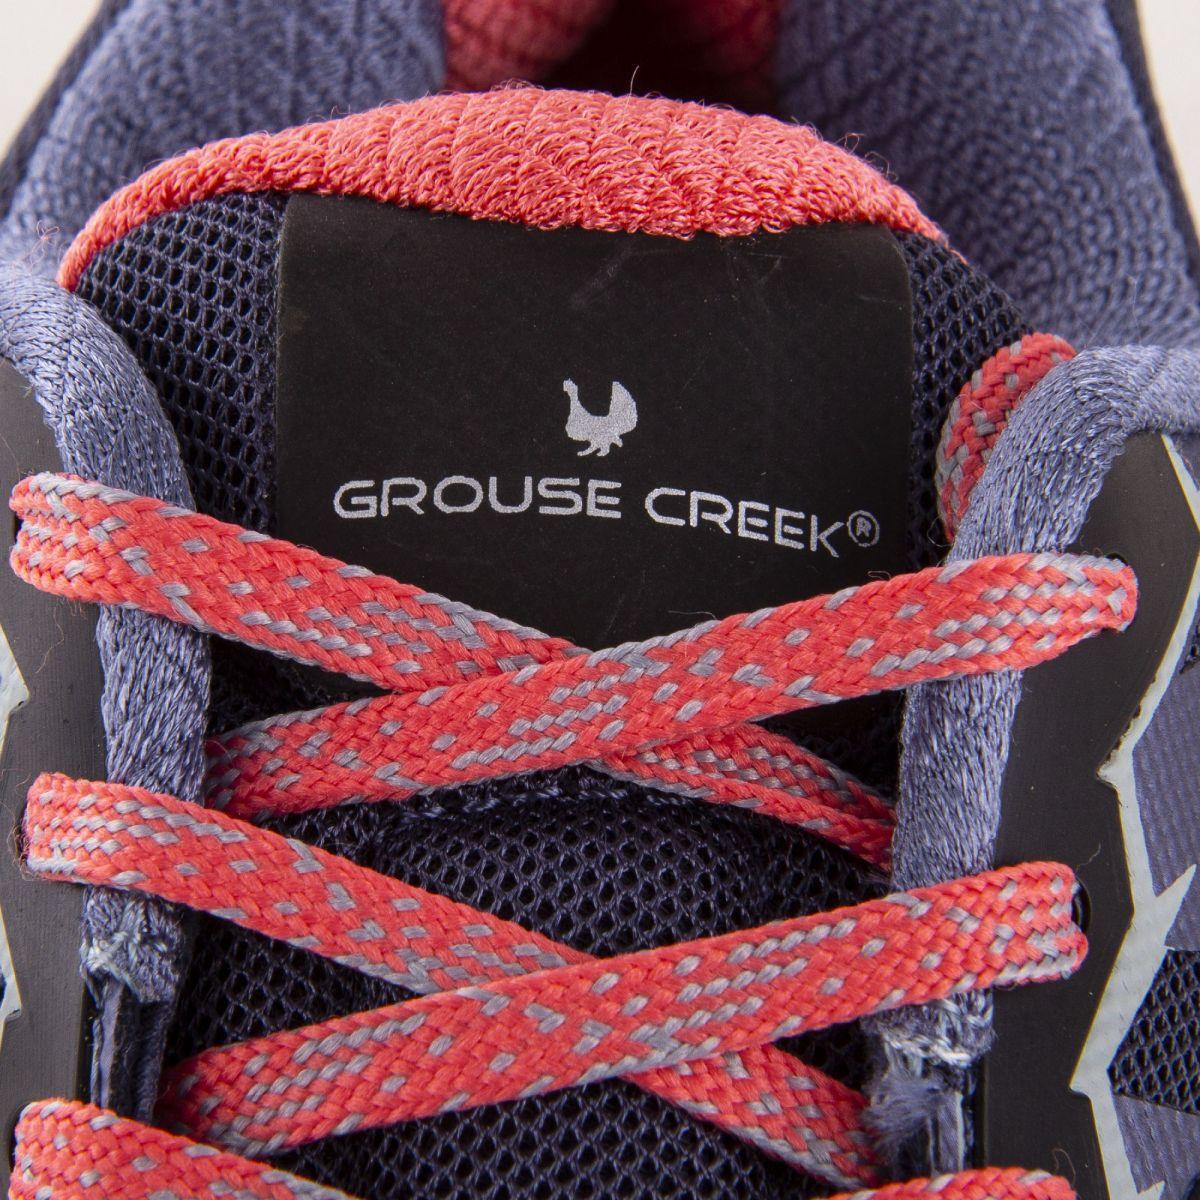 94b77718bfd5 Et Running Violettes Dégriffé Grouse Baskets Creek Femme Roses Prix À  FZgwvnv